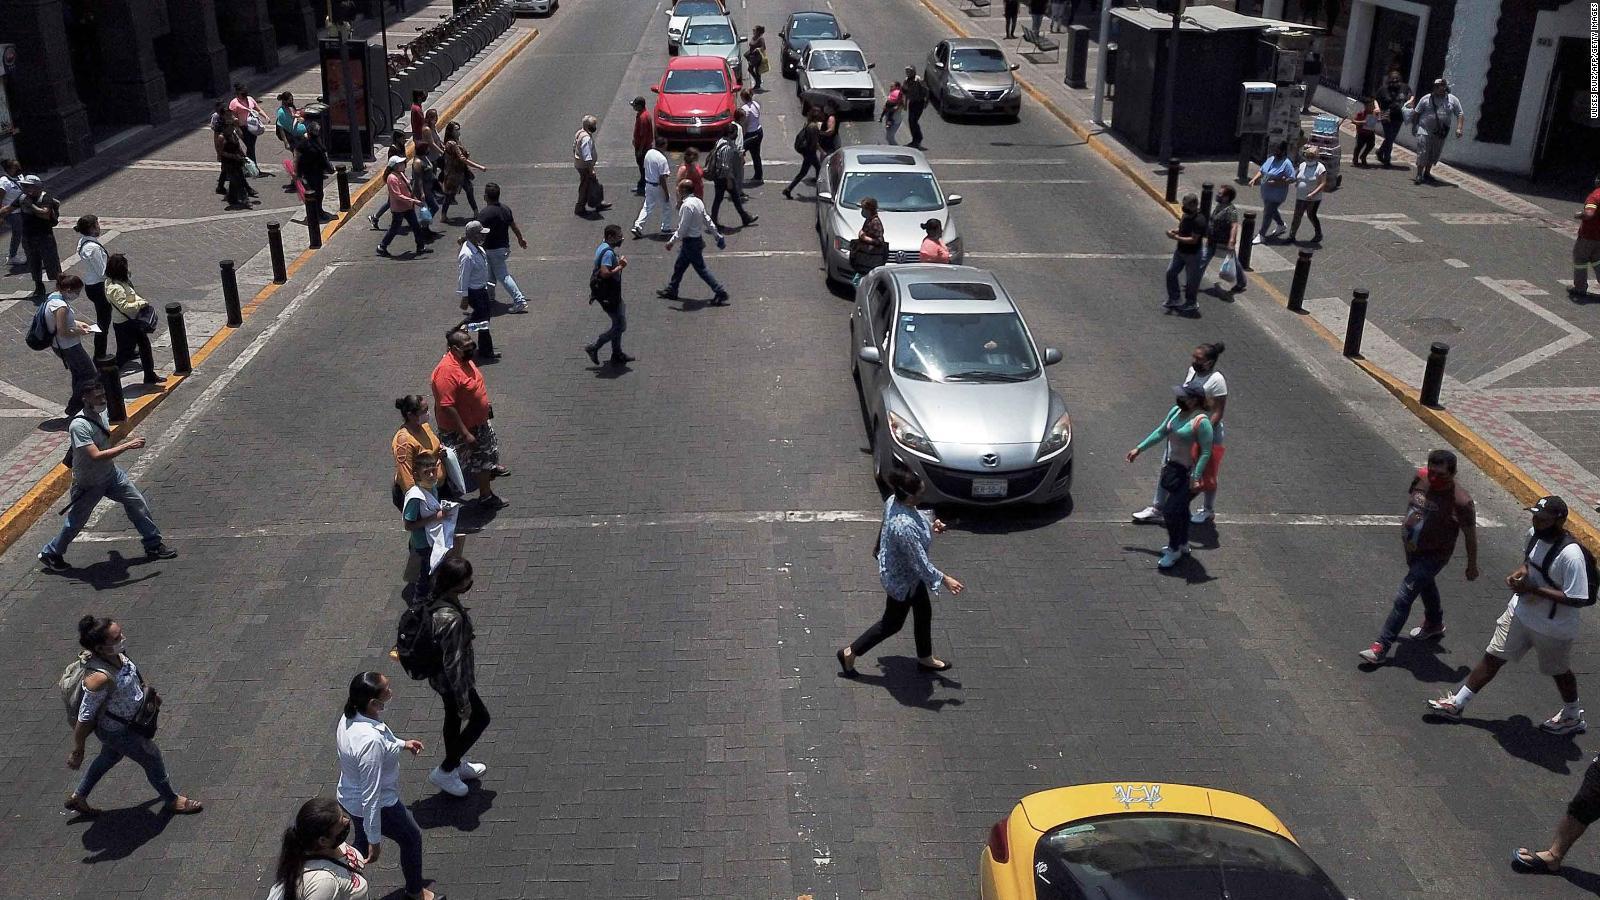 Agosto es clave para detener el covid-19 en Latinoamérica